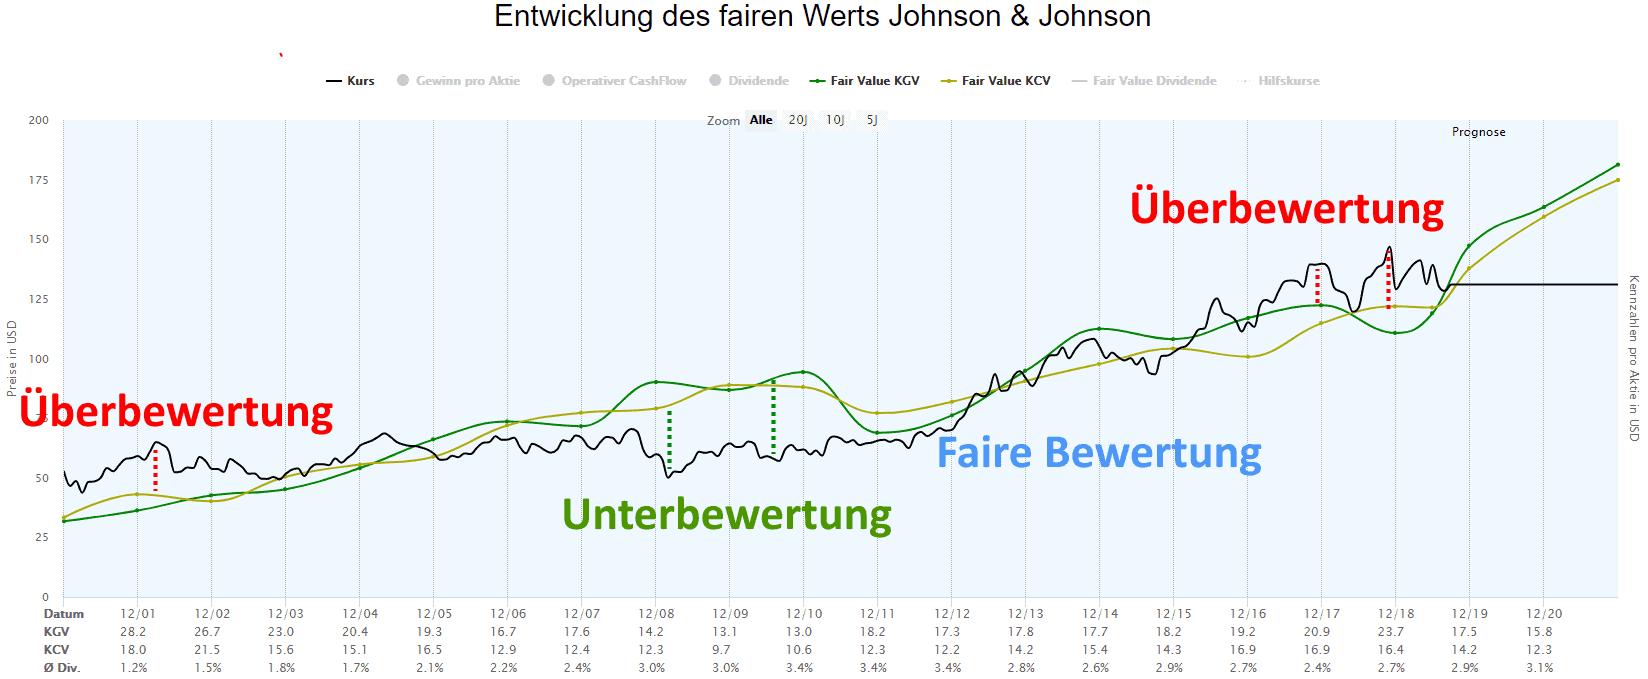 Johnson Und Johnson Aktie